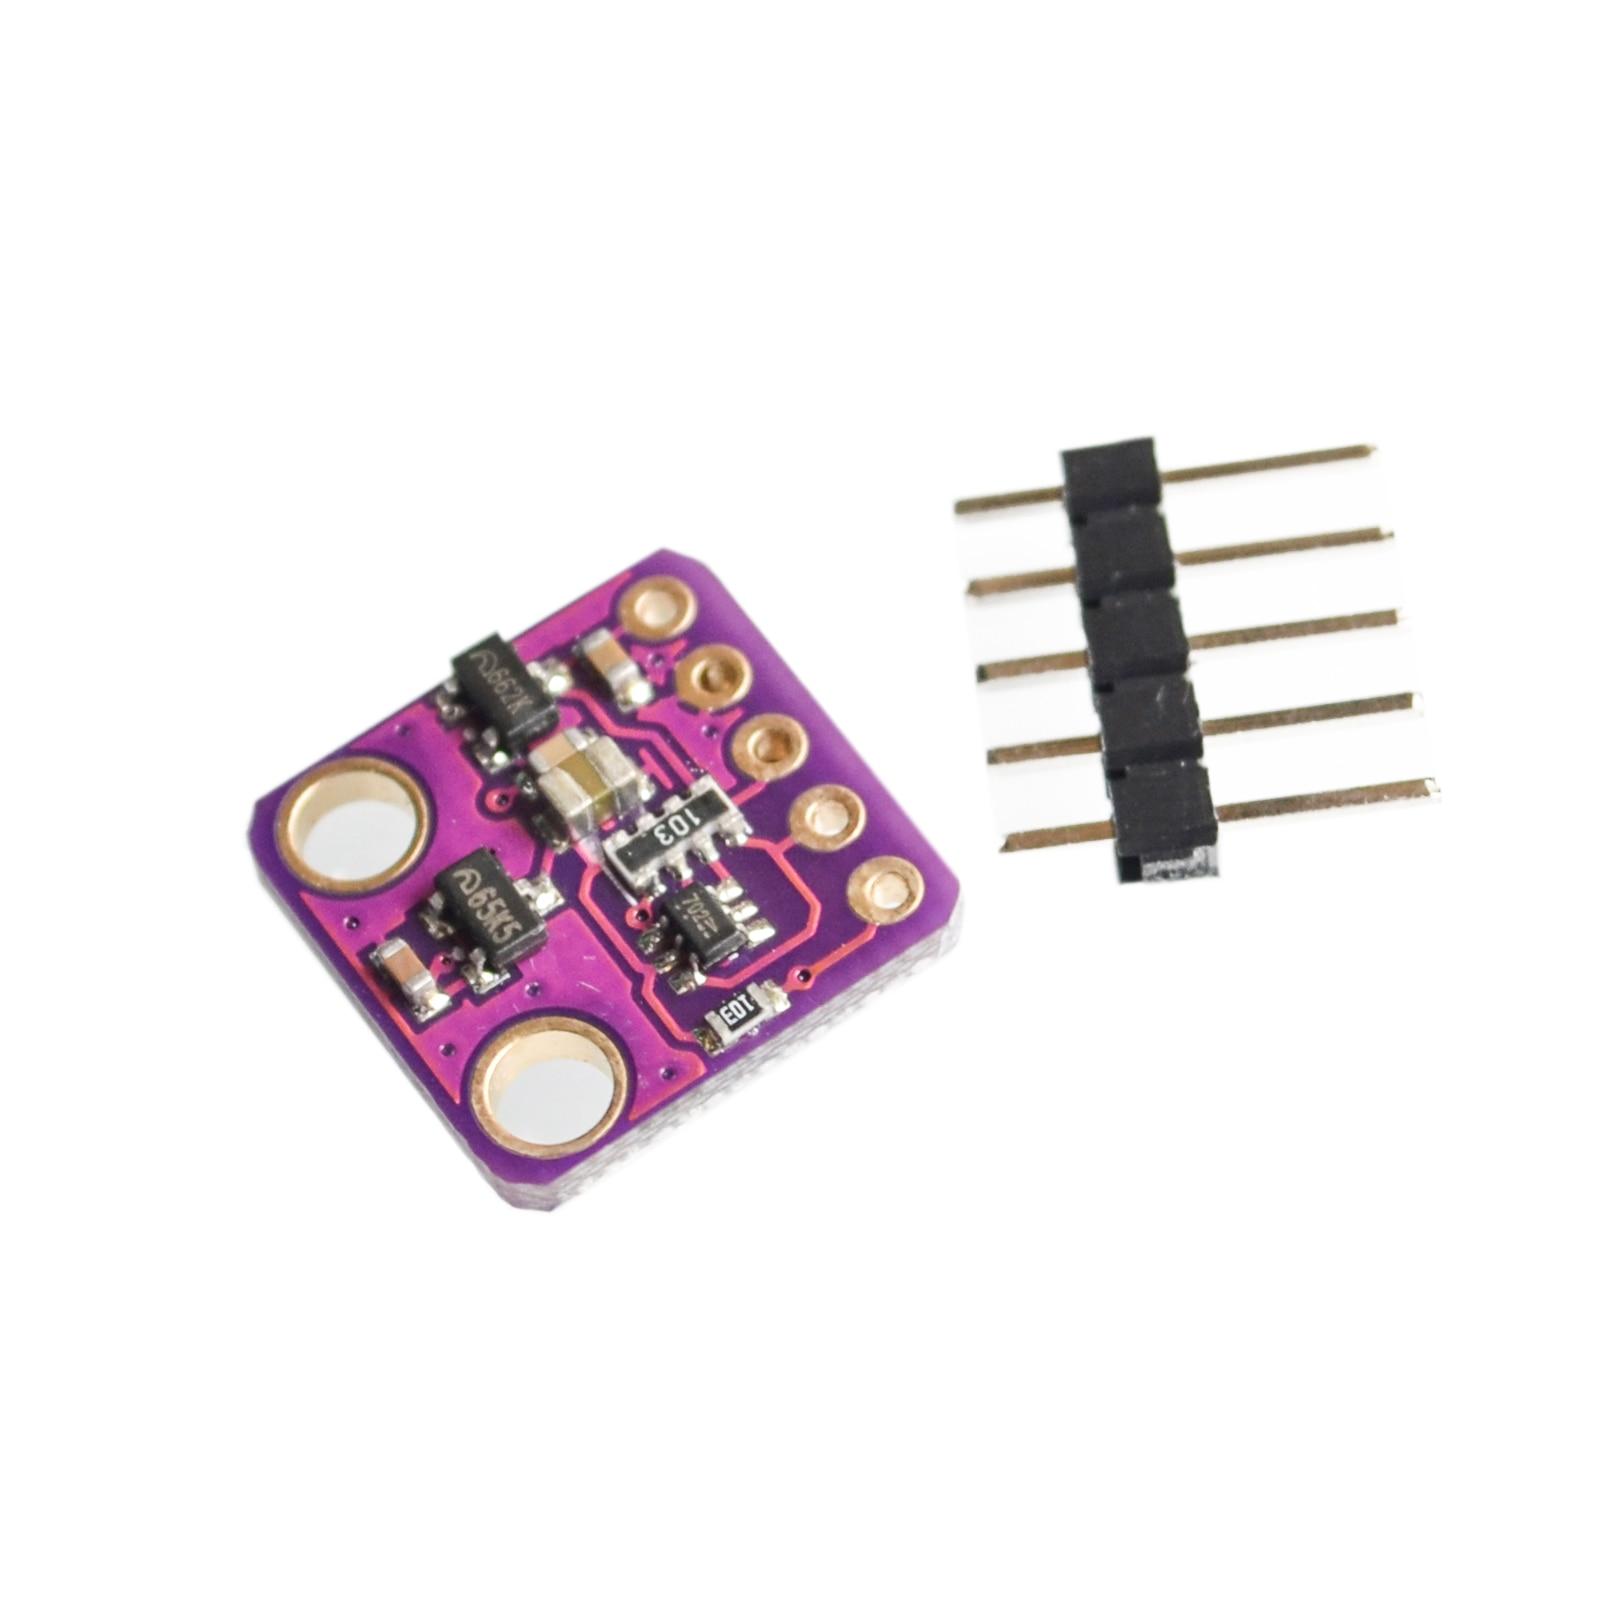 Gy-max30100 Hartslag Zuurstofconcentratie Sensor Module Hartslag Klik Sensor